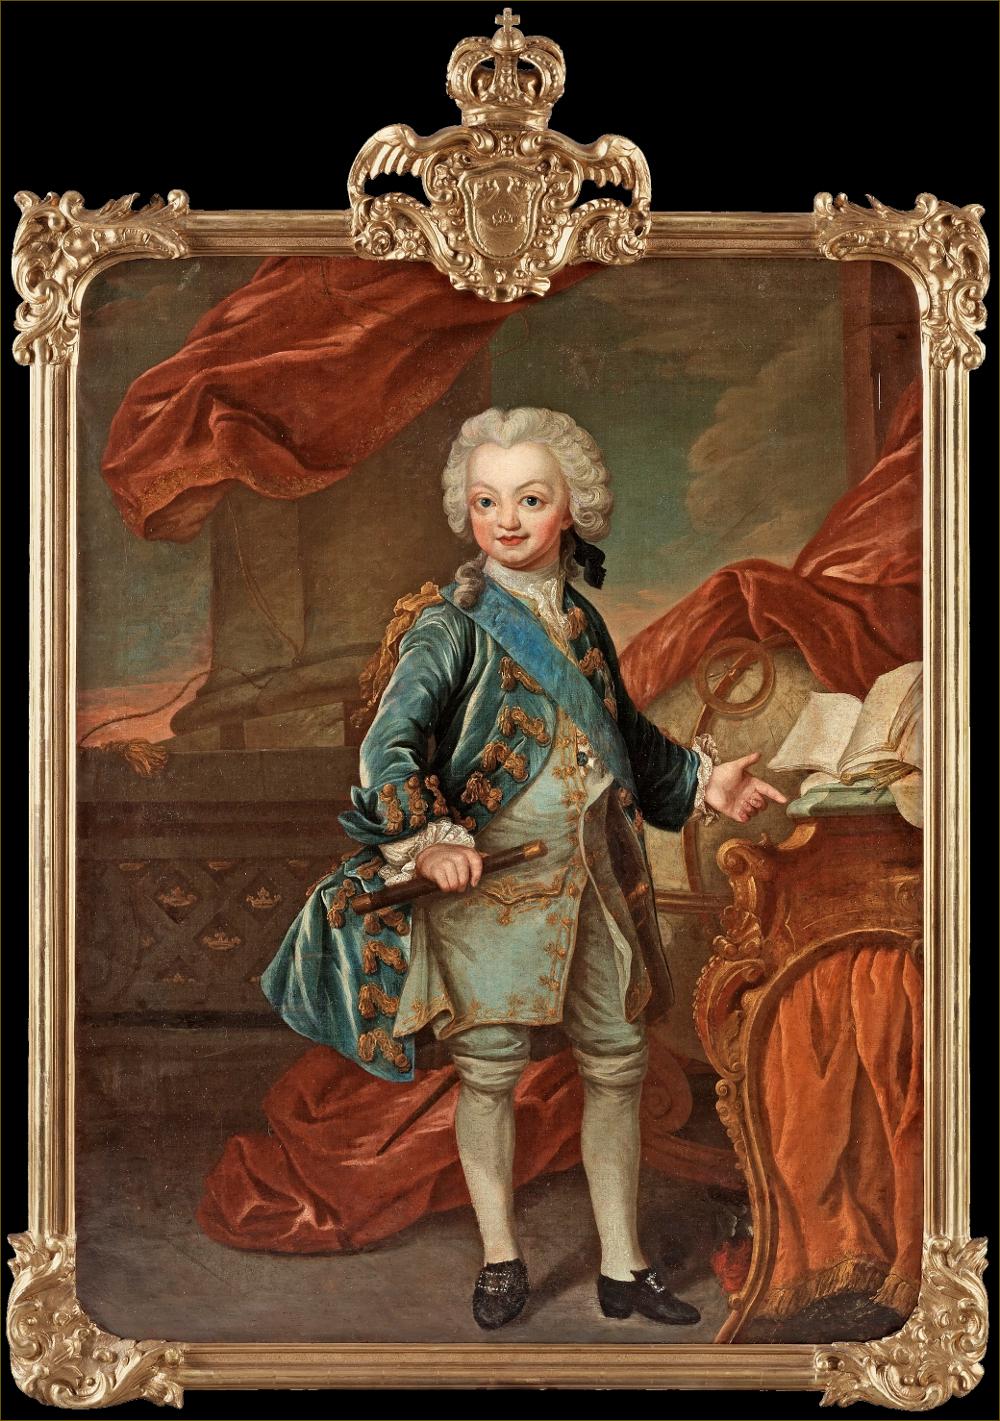 Gustave III, roi de Suède, enfant, par Pasch (reprise d'un portrait de Louis, dauphin de France, par Tocqué)